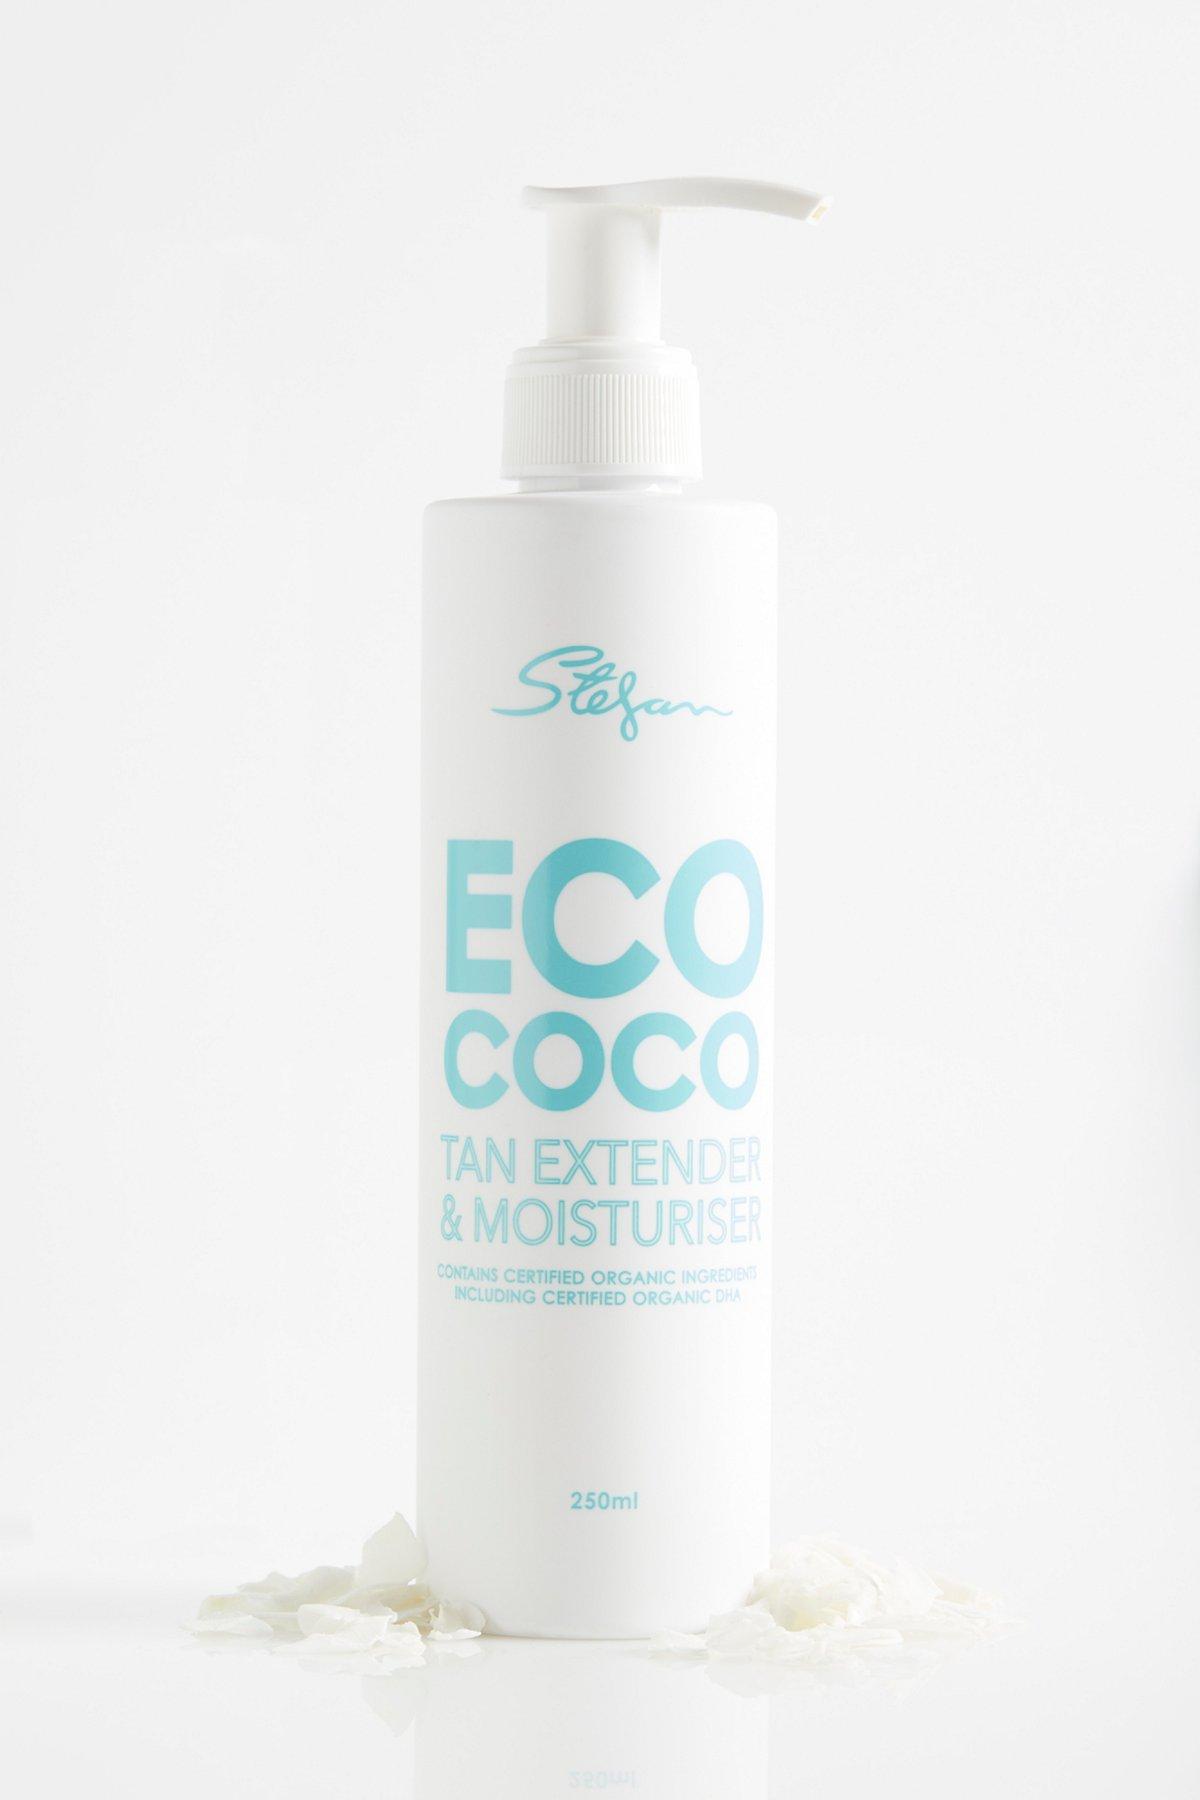 Ecoco Tan Extender